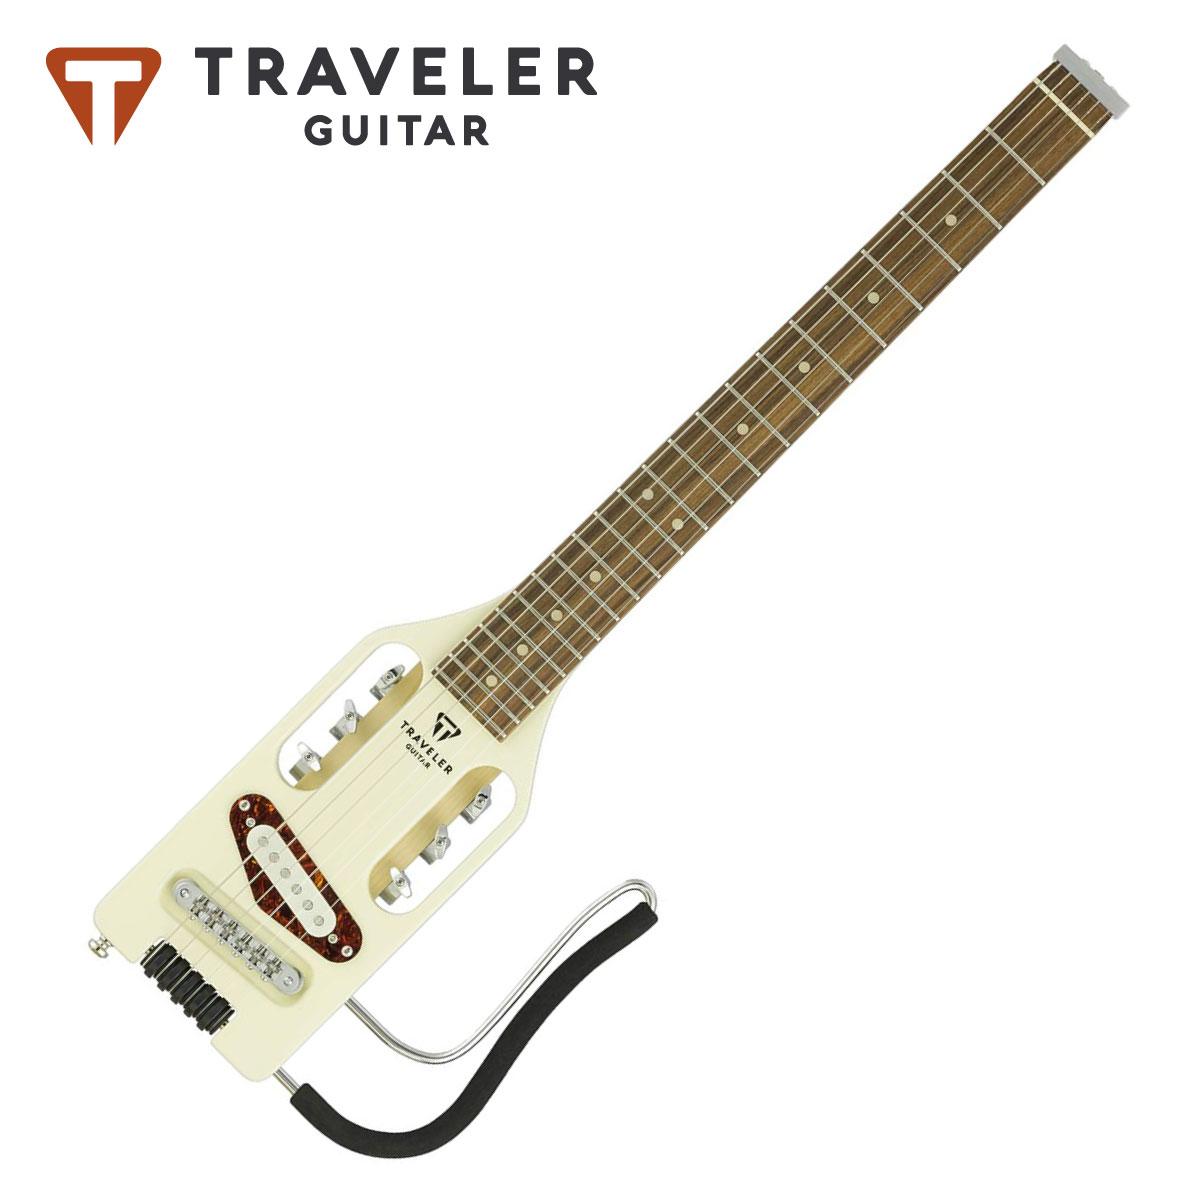 ギター, エレキギター Traveler Guitar Ultra-Light Electric Vintage White ,Guitar,